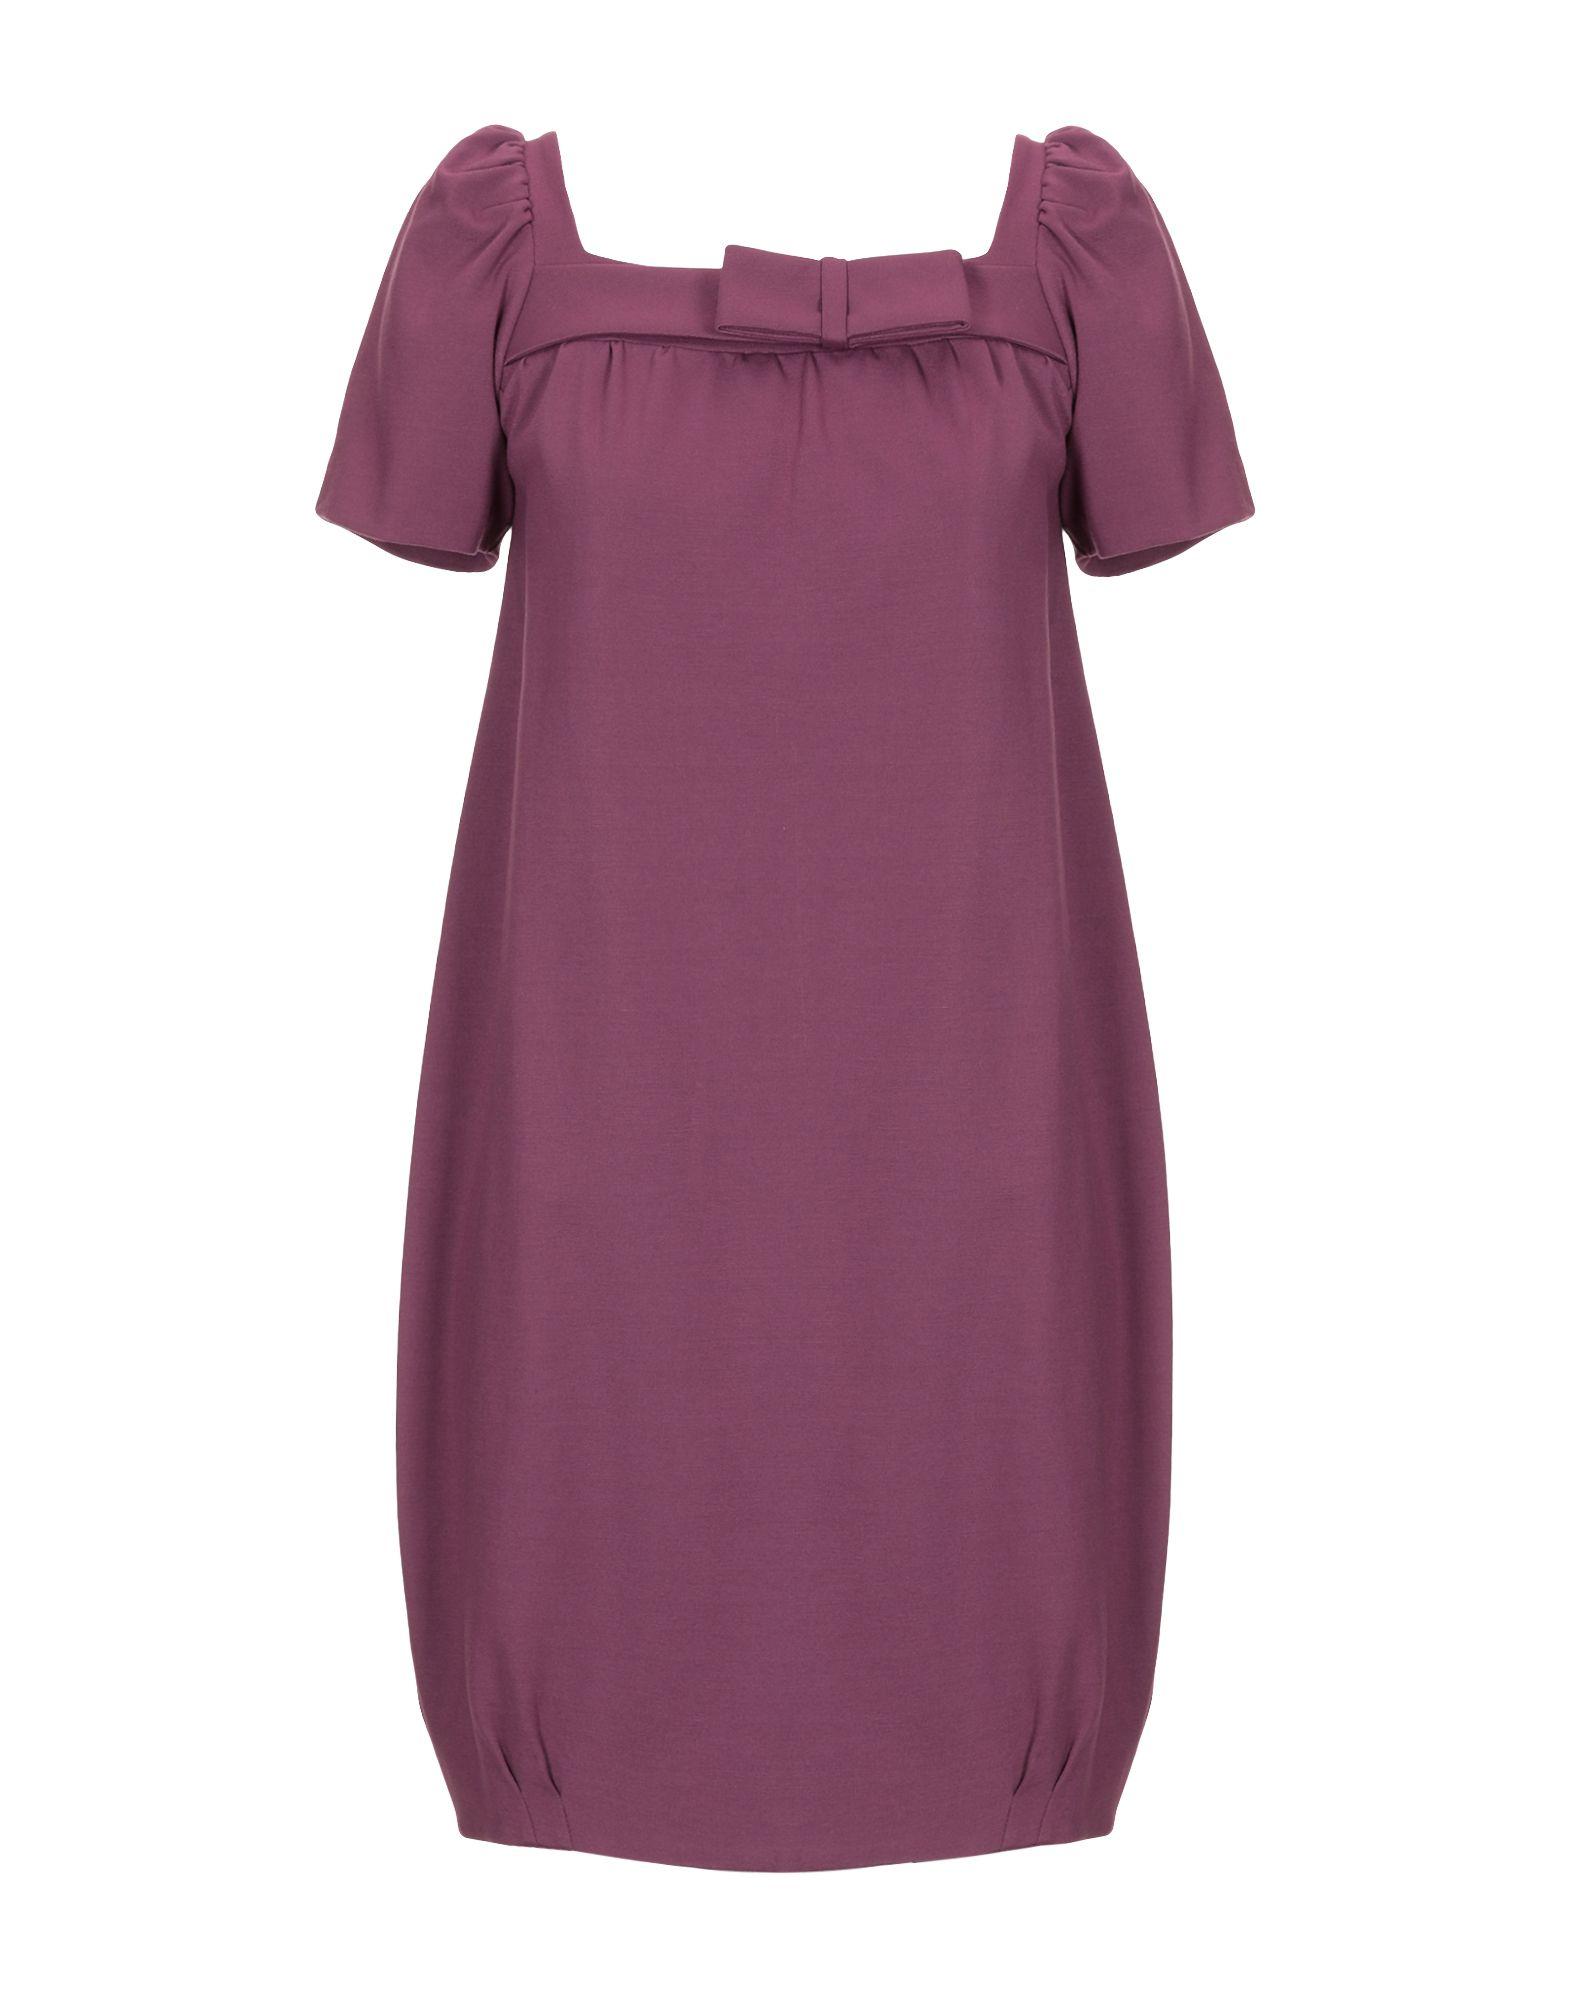 купить SHI 4 Короткое платье дешево